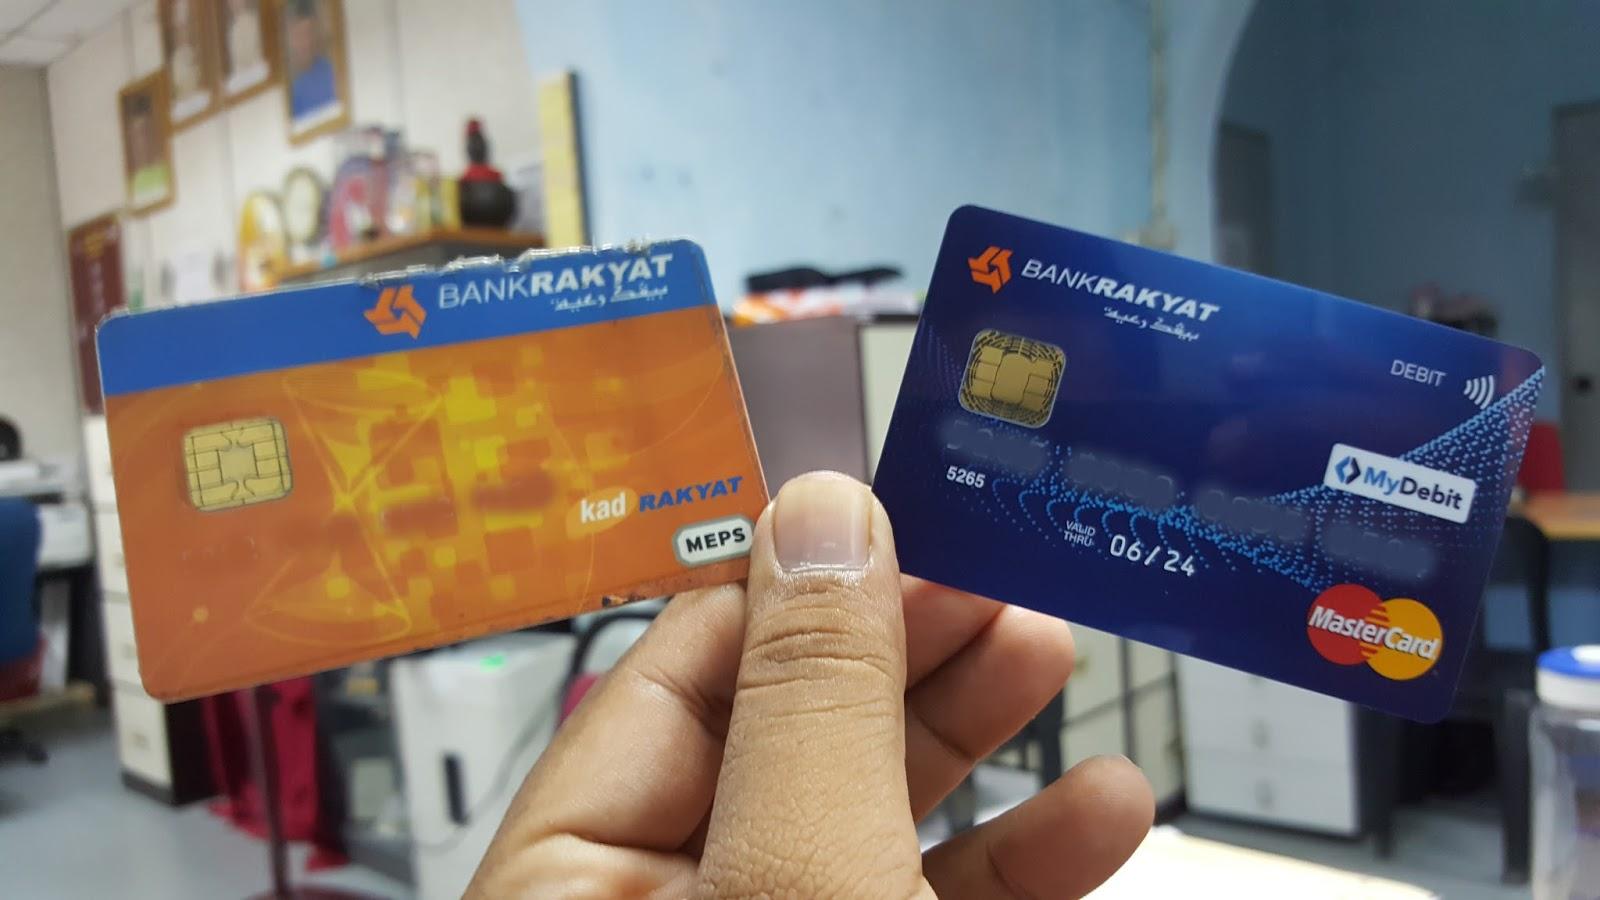 Aidy Sreviews Cepat Tukar Ke Kad Atm Terbaru Bank Rakyat